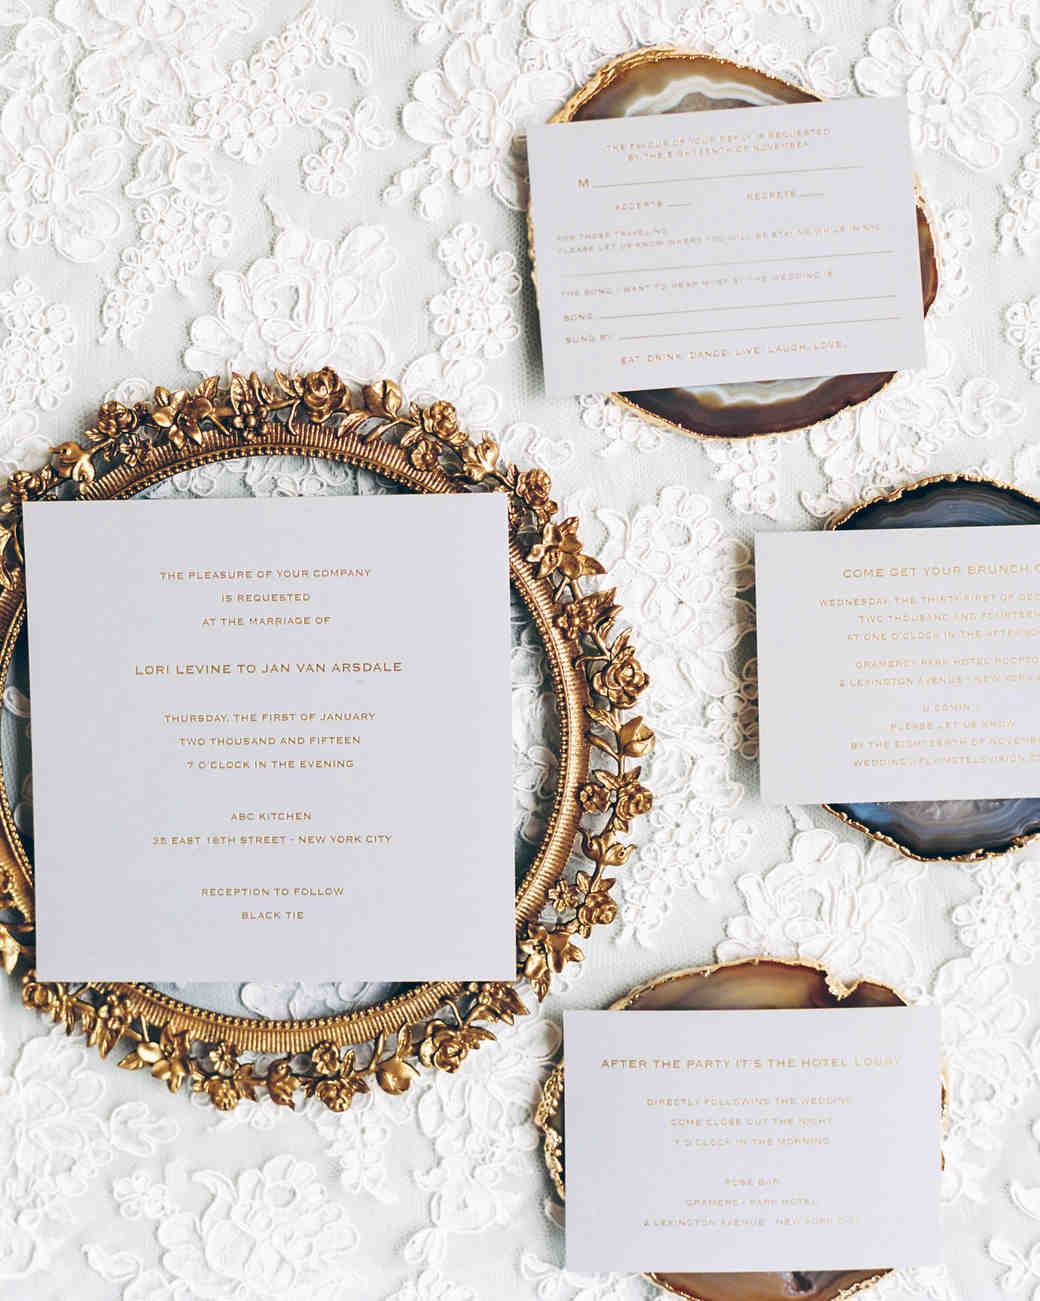 Wedding Invitations on Agate Slabs